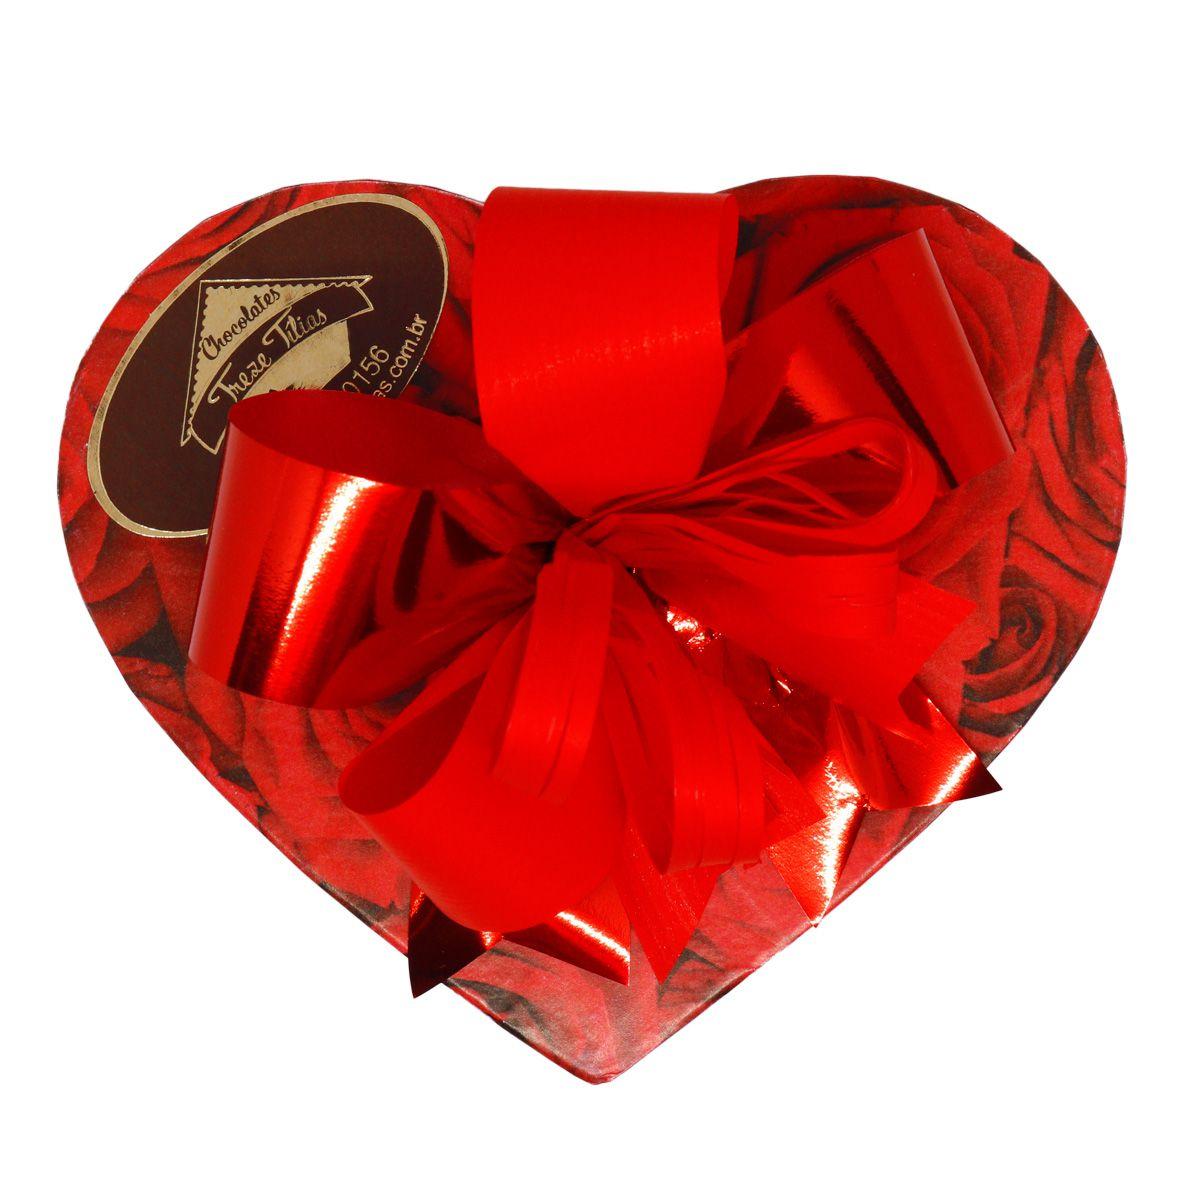 Caixa Pequena de Coração com delicioso Chocolate ao Leite